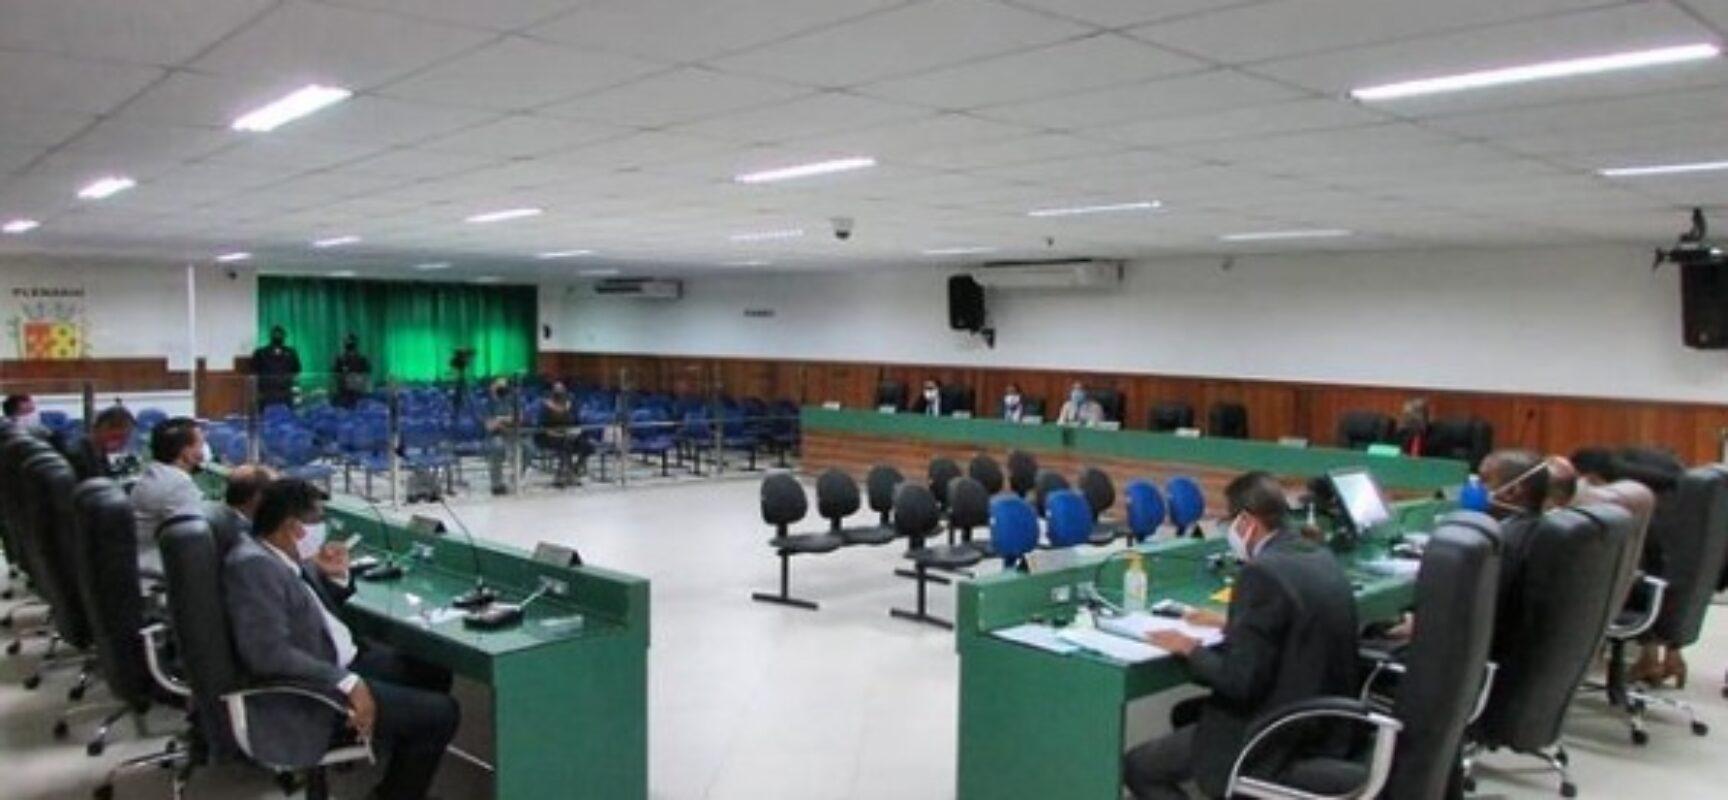 Câmara de Vereadores de Ilhéus – Pauta da 9ª sessão ordinária, 10/03/2021